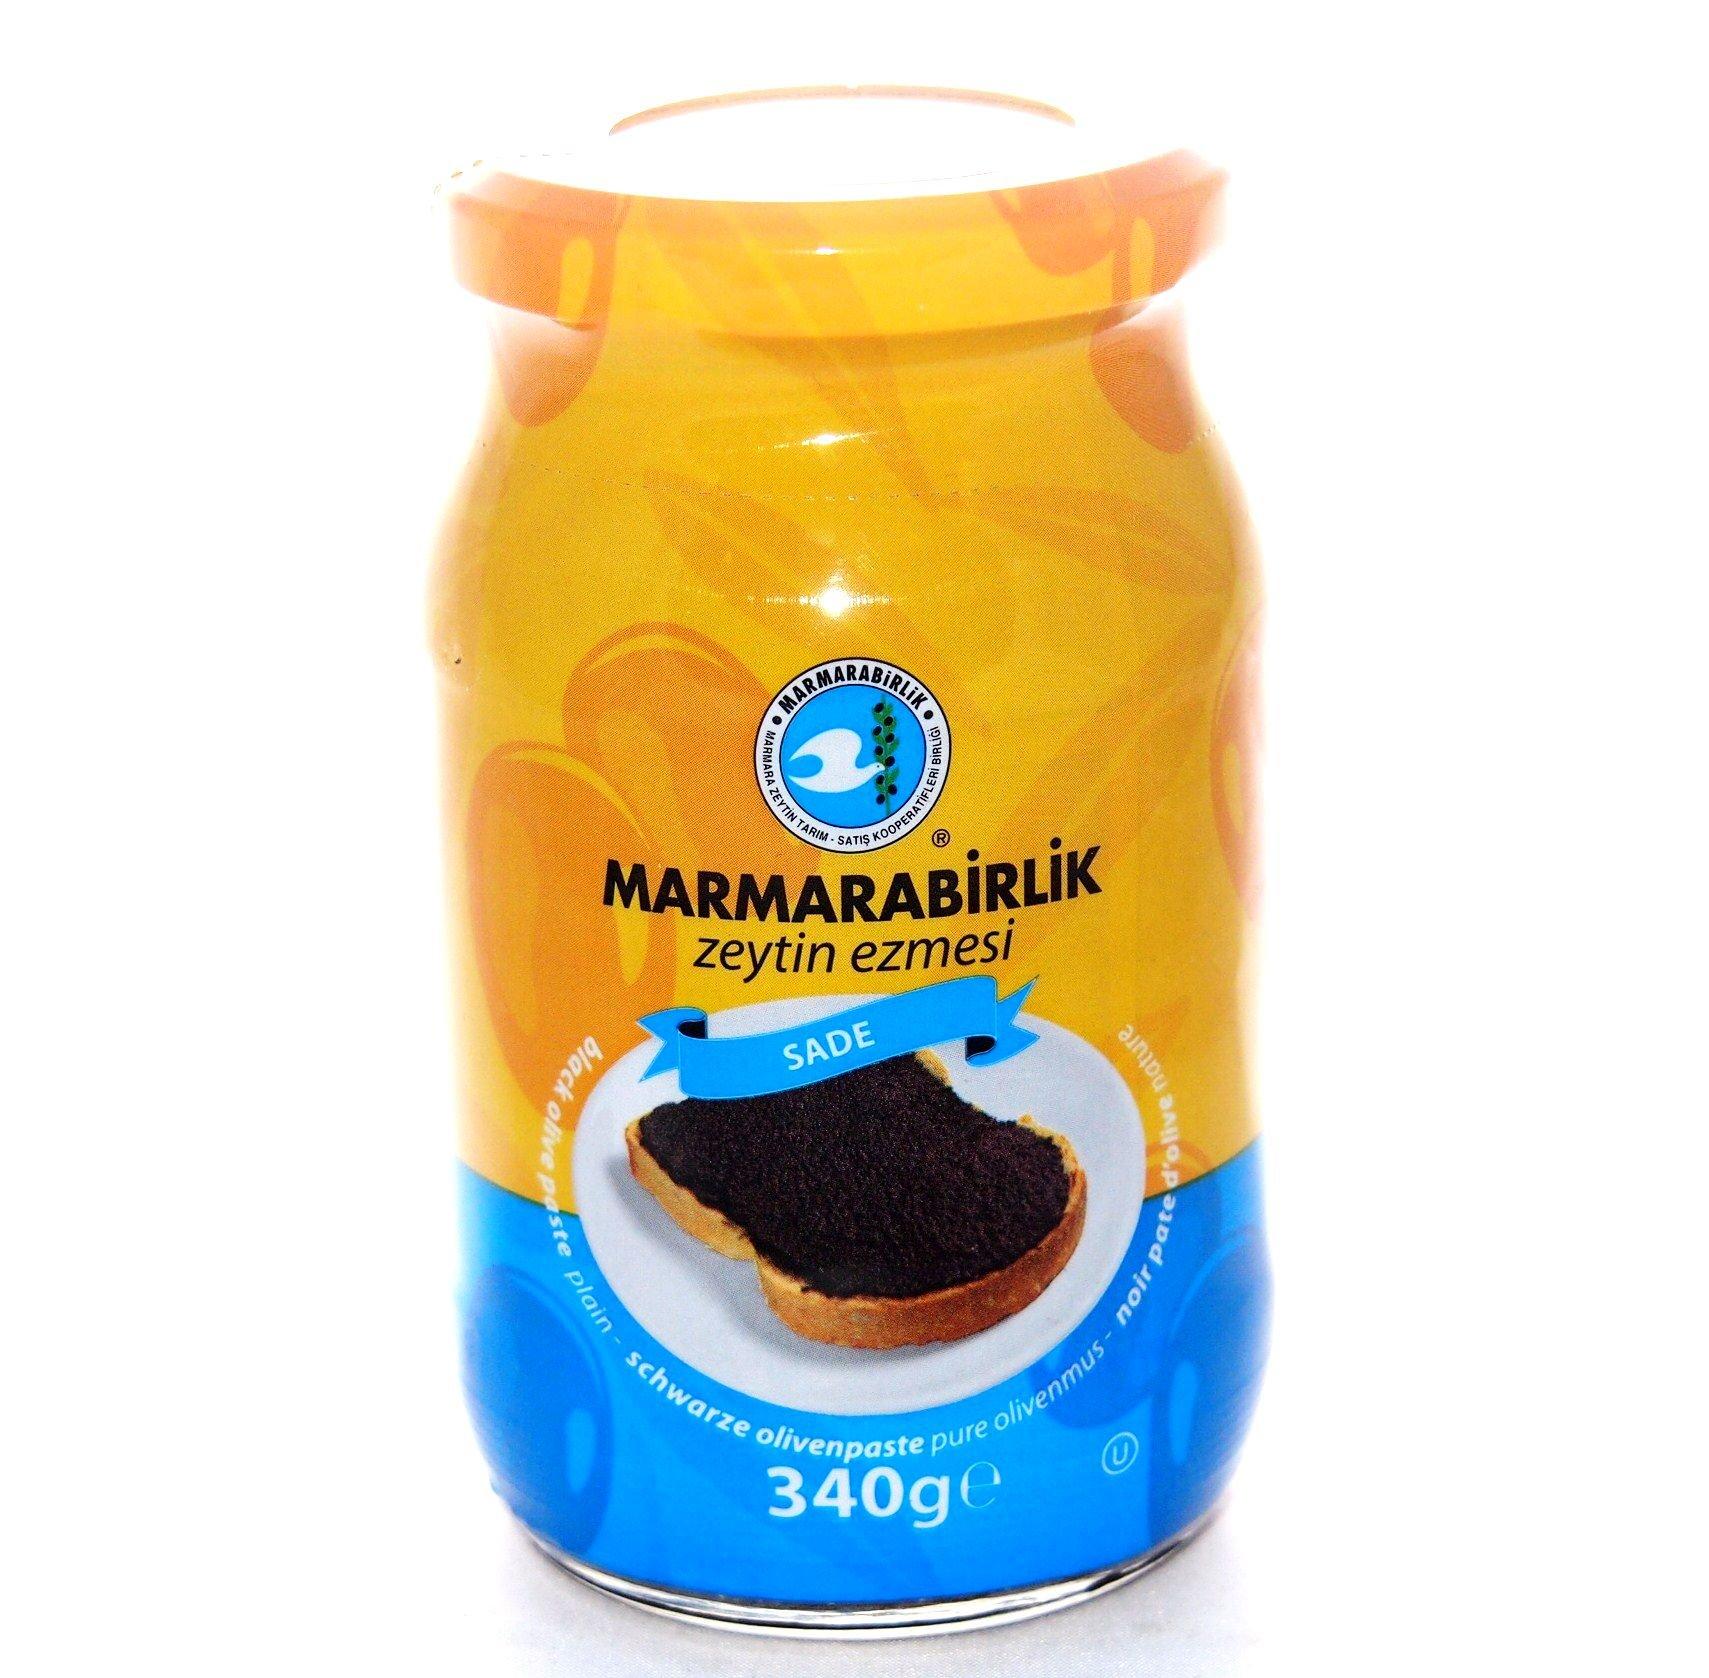 MARMARABIRLIK OLIVE PASTE - PLAIN 340 G / 12 OZ SADE ZEYTIN EZMESI by Marmara Birlik